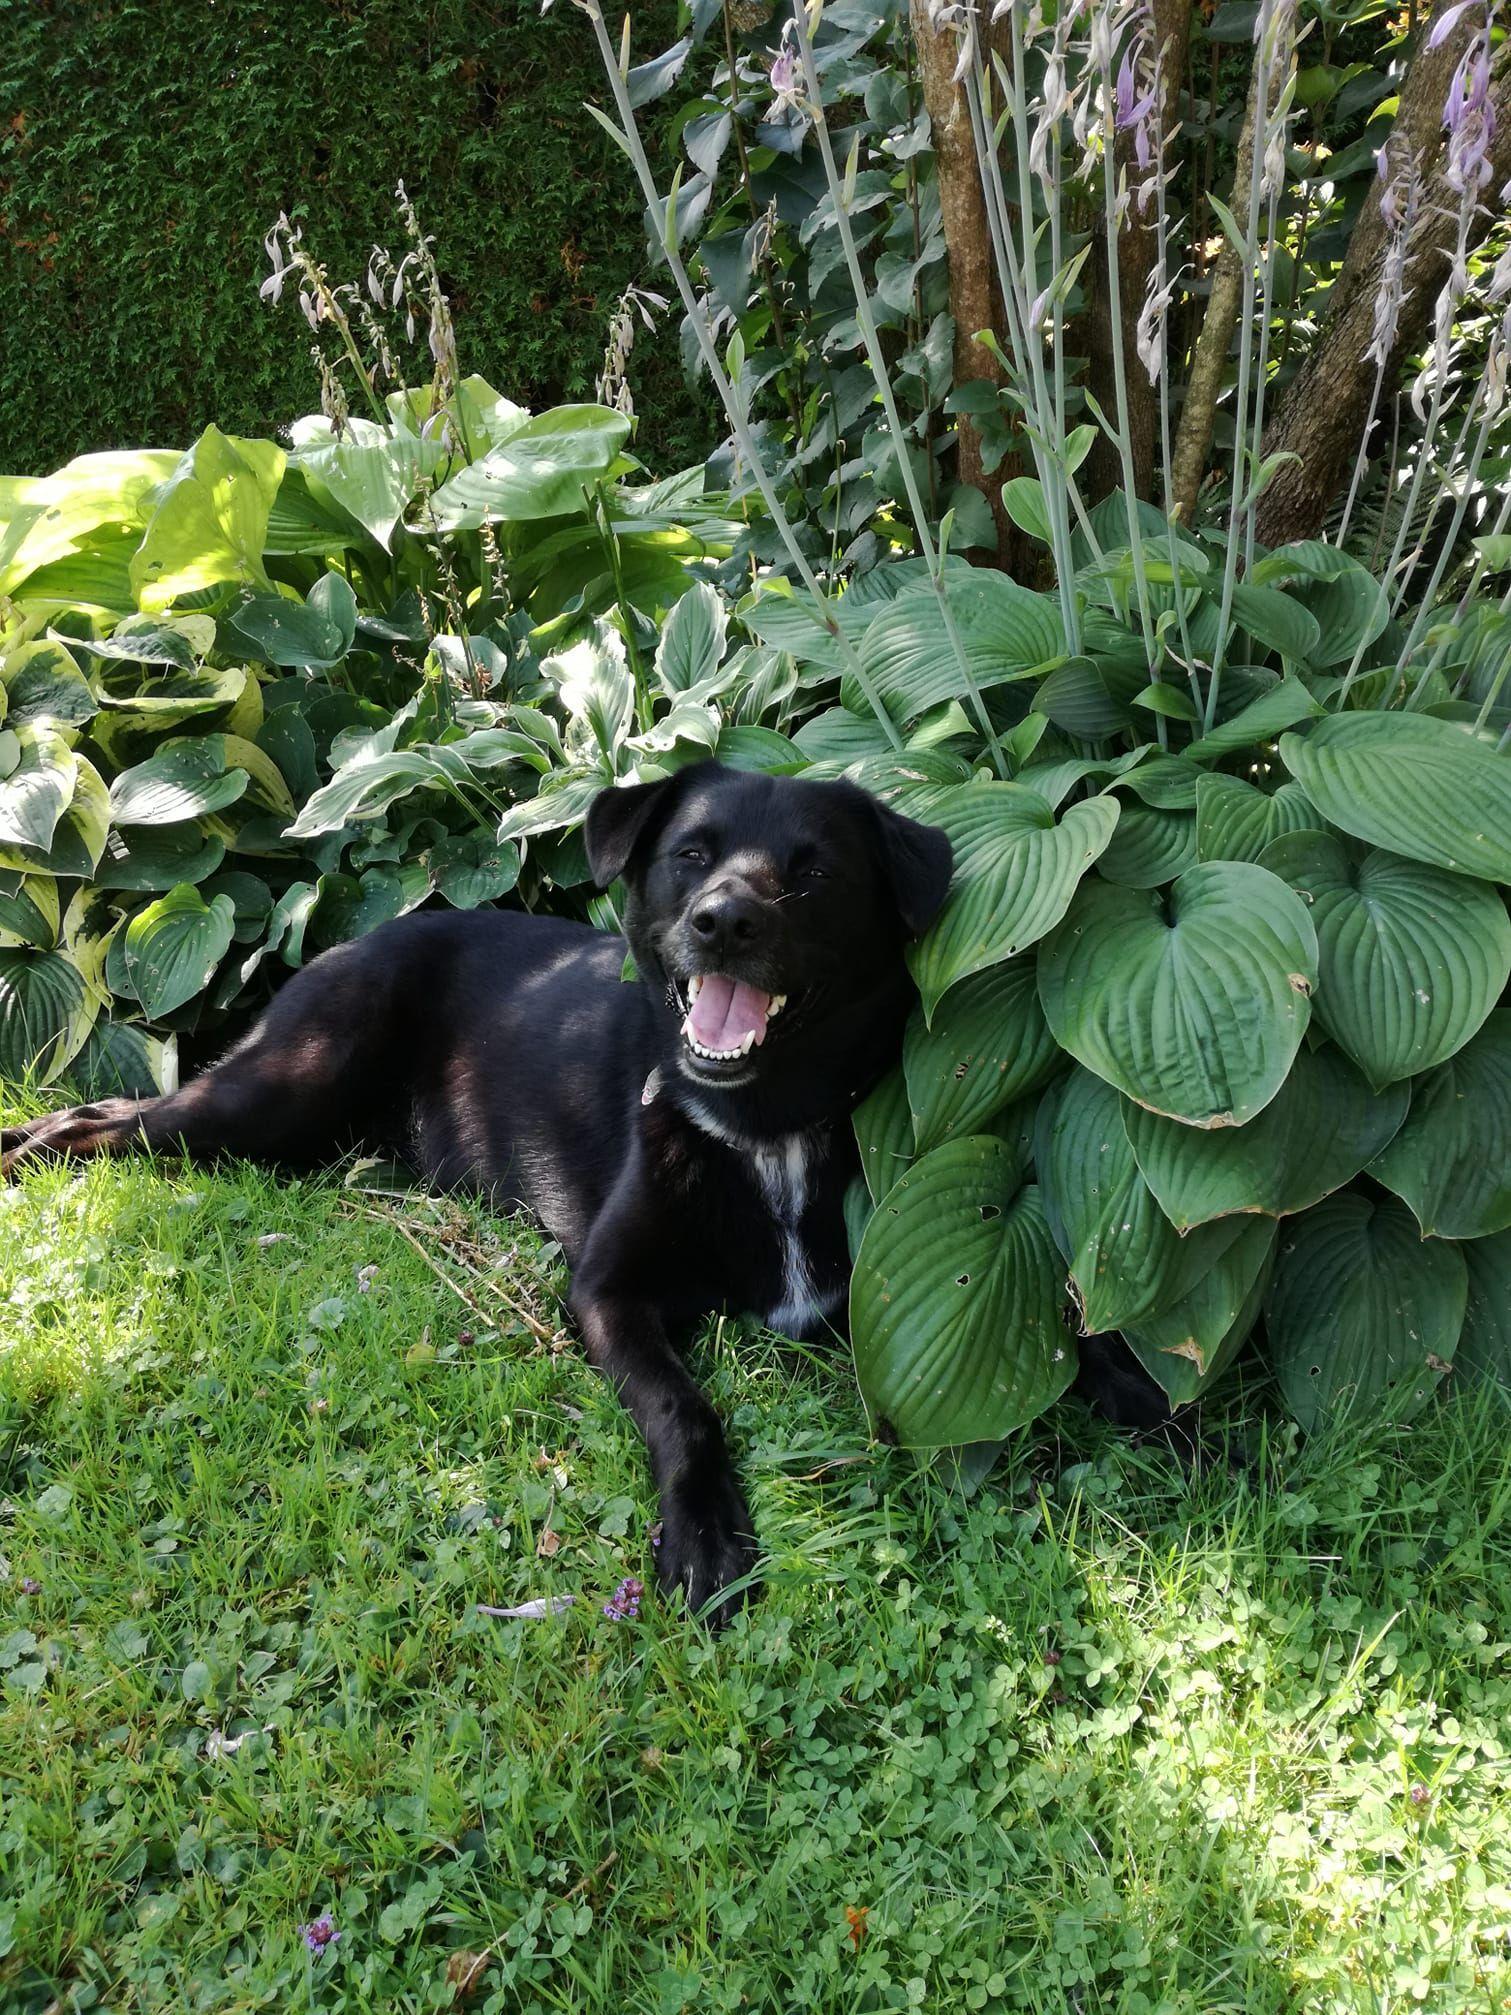 Pin Von John Ferguson Auf Doggies In 2020 Ferien Mit Hund Hunde Urlaub Mit Hund